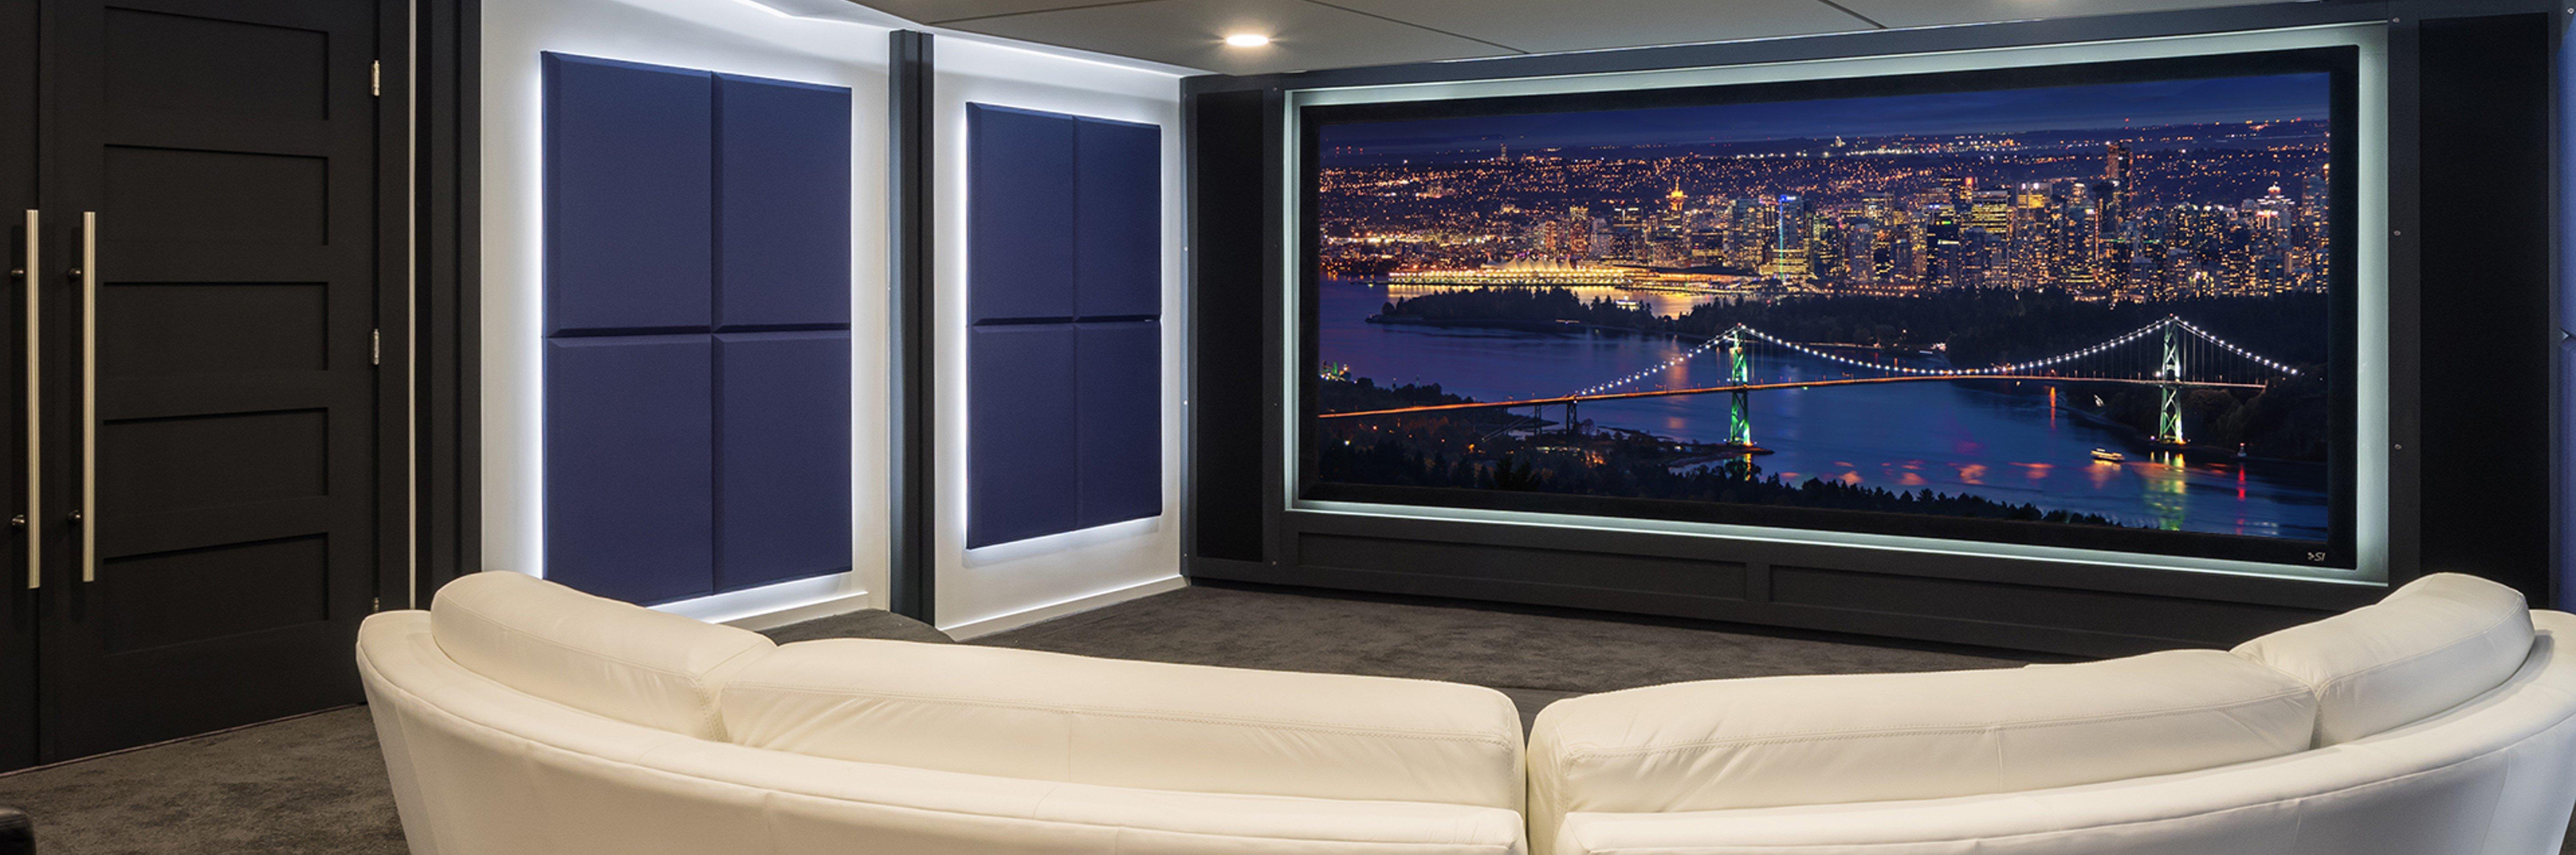 AV Works Entertainment Room